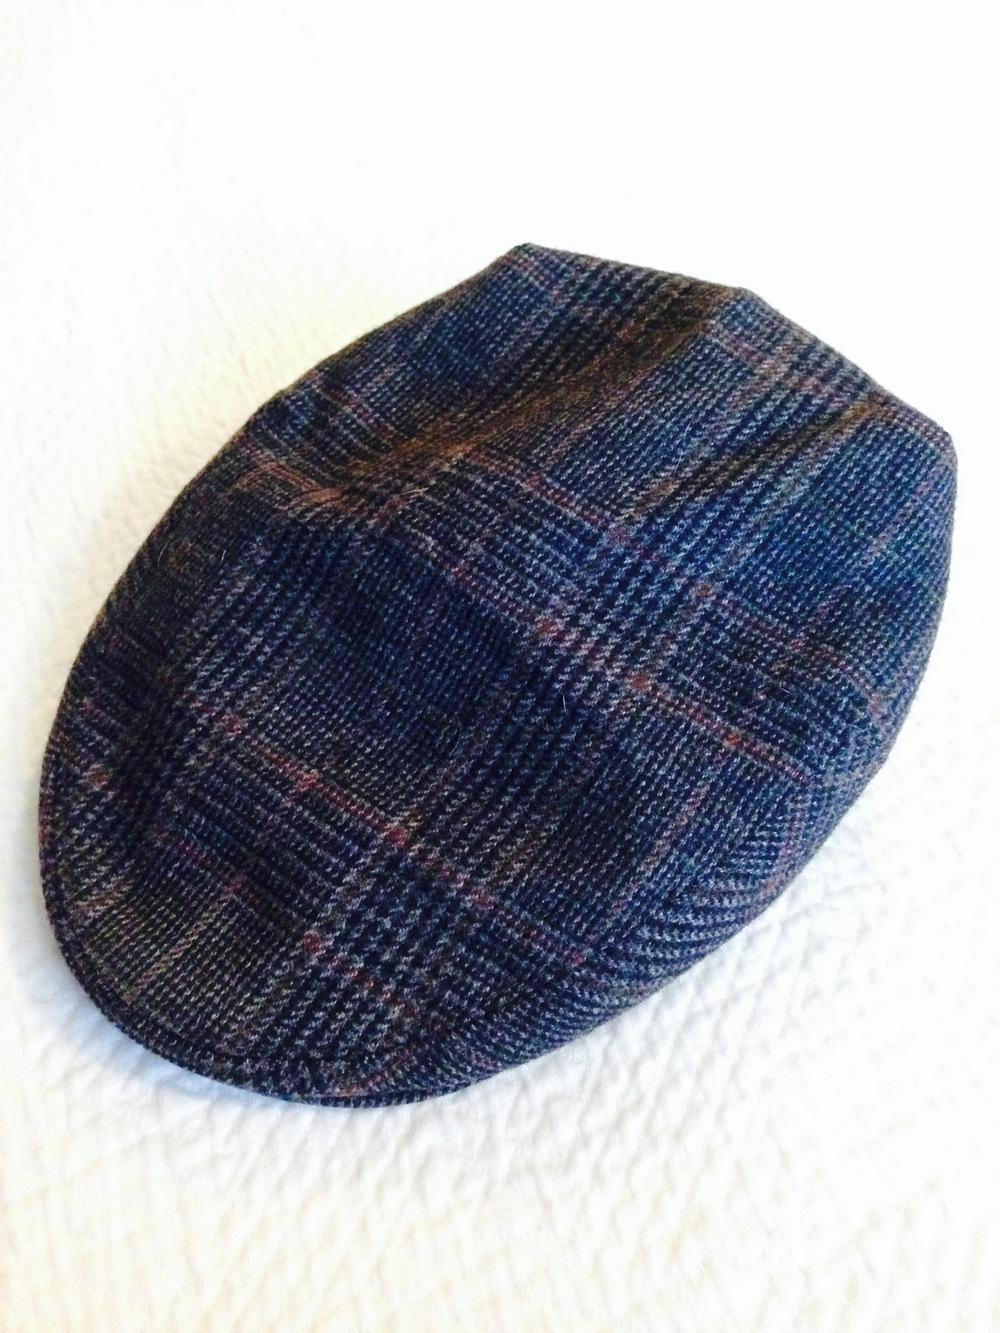 Standard flat cap in handsome glen check.